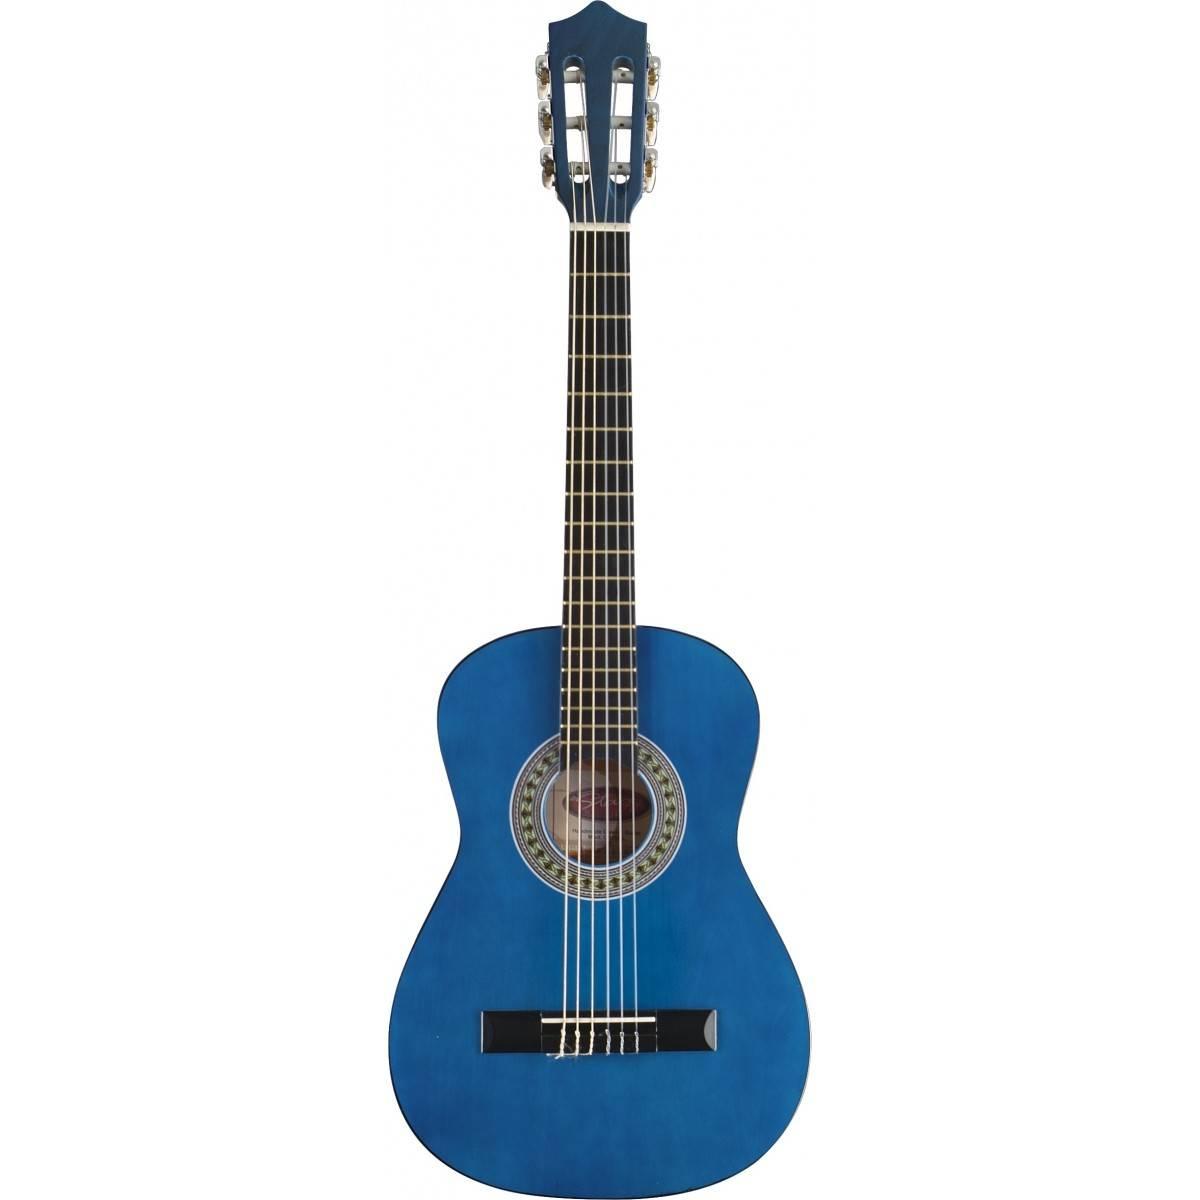 guitare classique enfant 1 4 bleu pas cher noizikidz. Black Bedroom Furniture Sets. Home Design Ideas